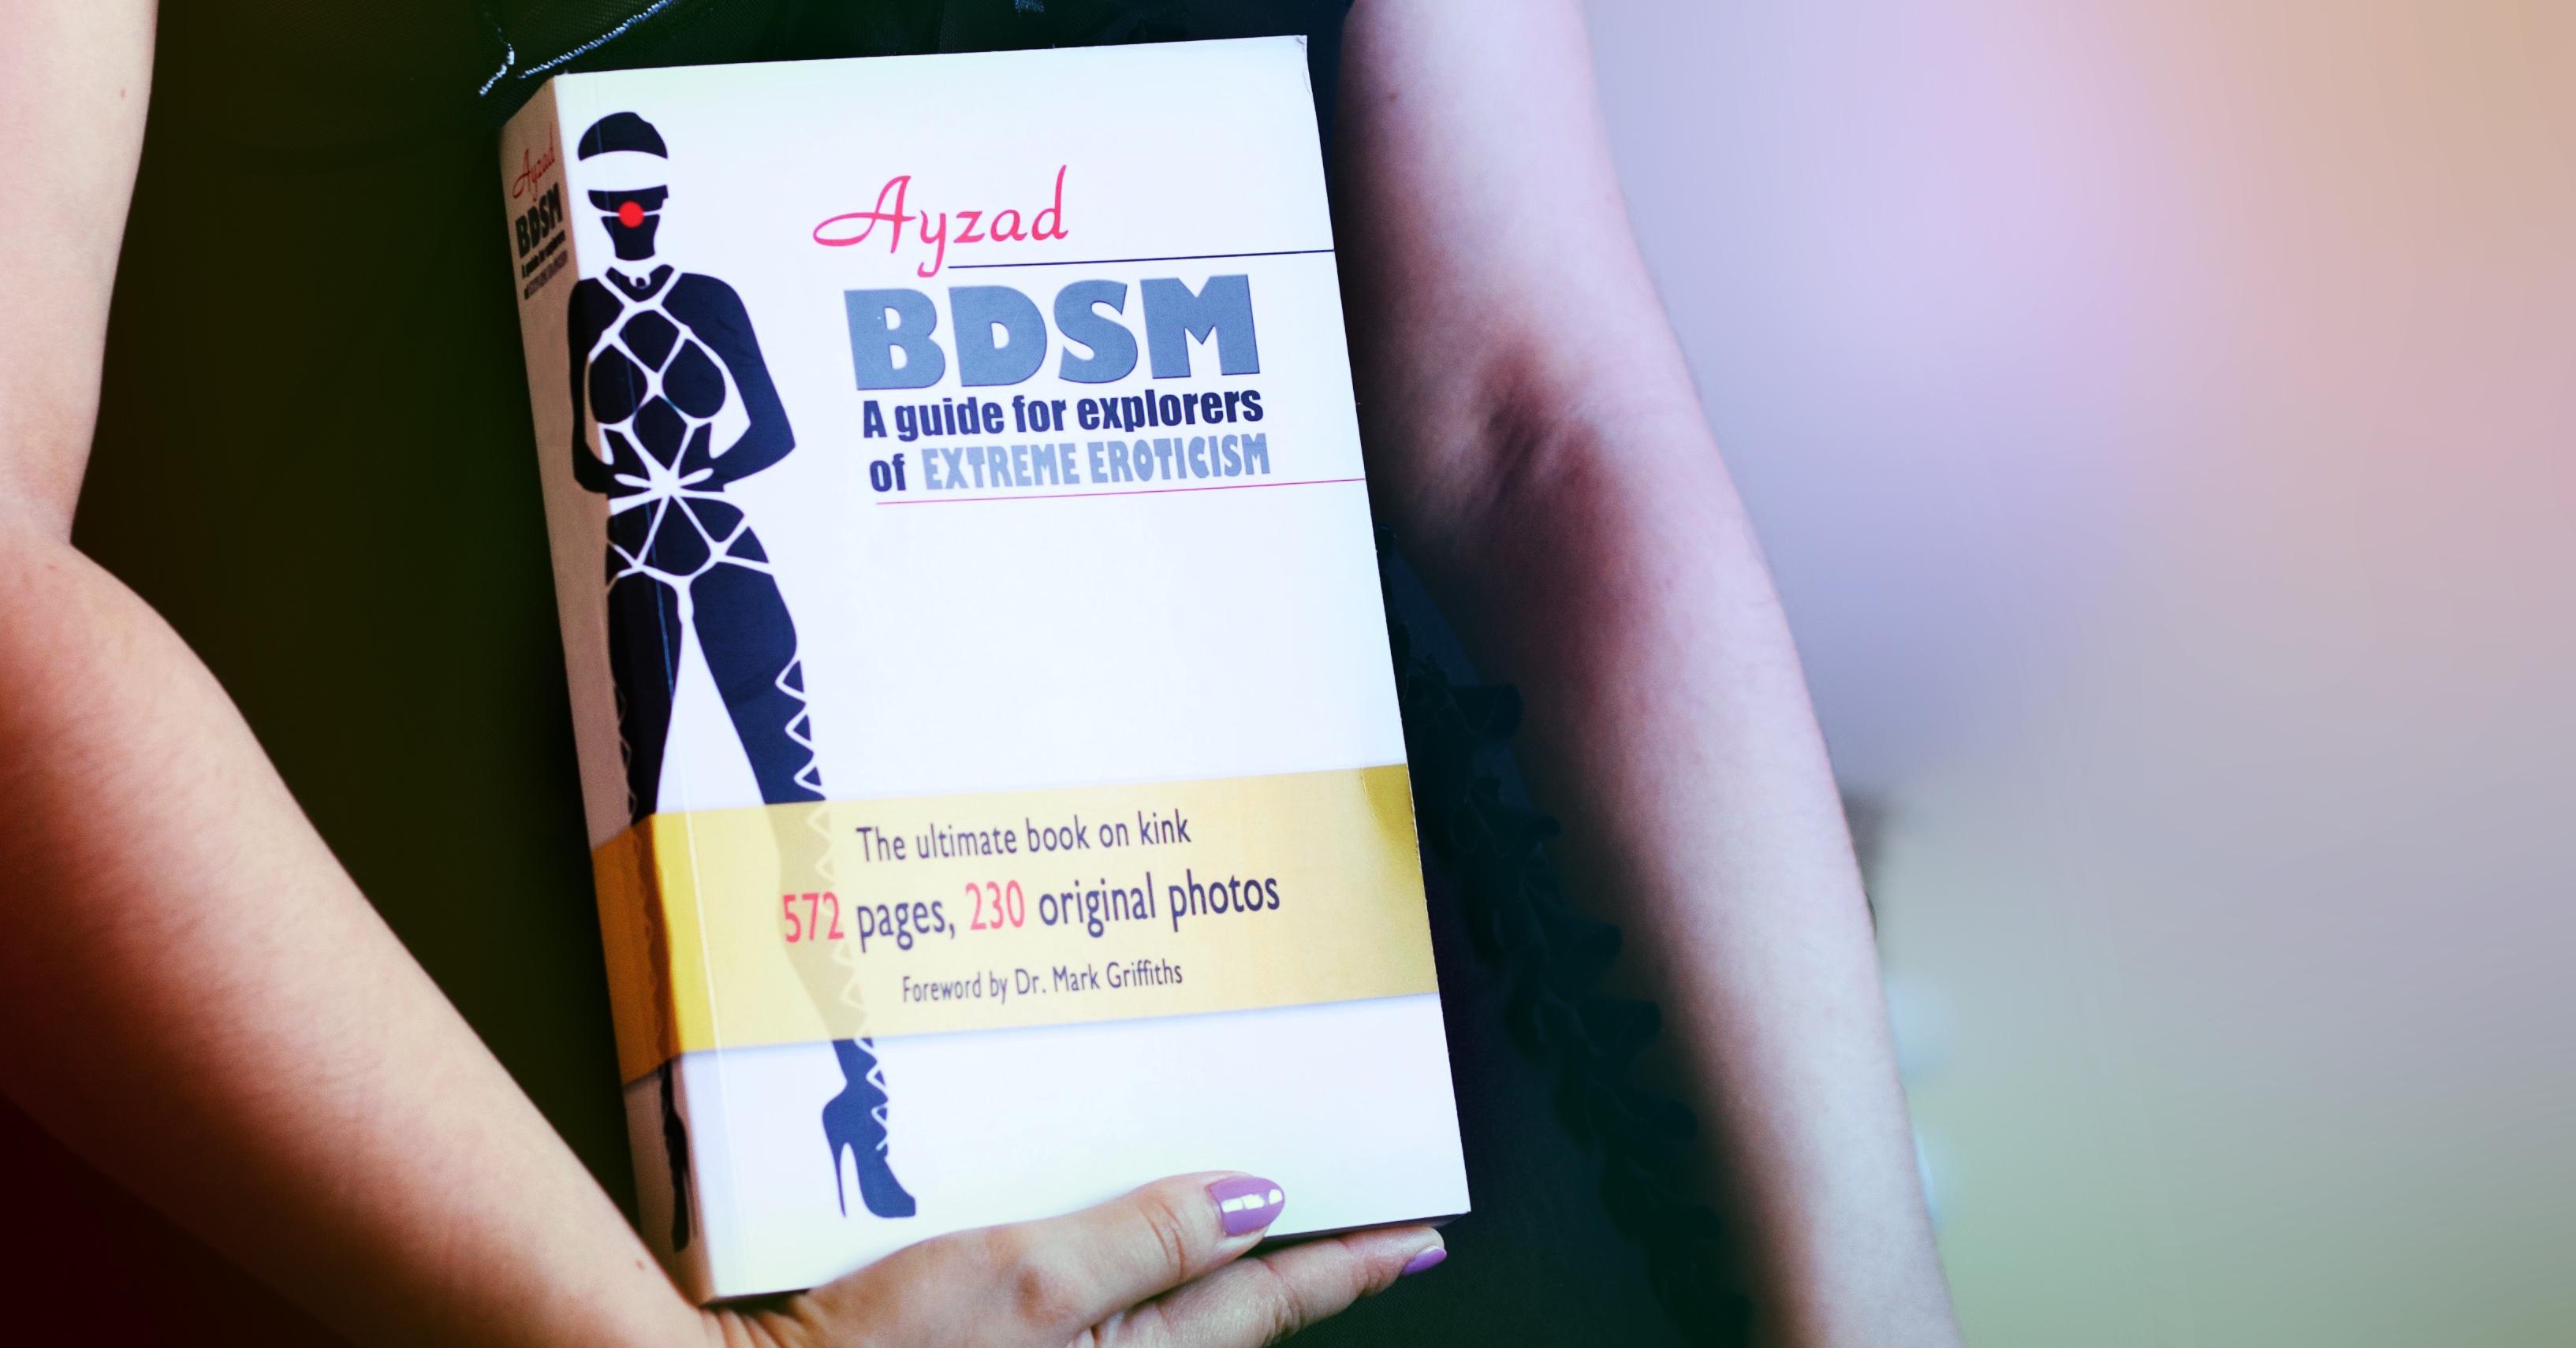 L'edizione inglese di BDSM - Guida per esploratori dell'erotismo estremo, di Ayzad